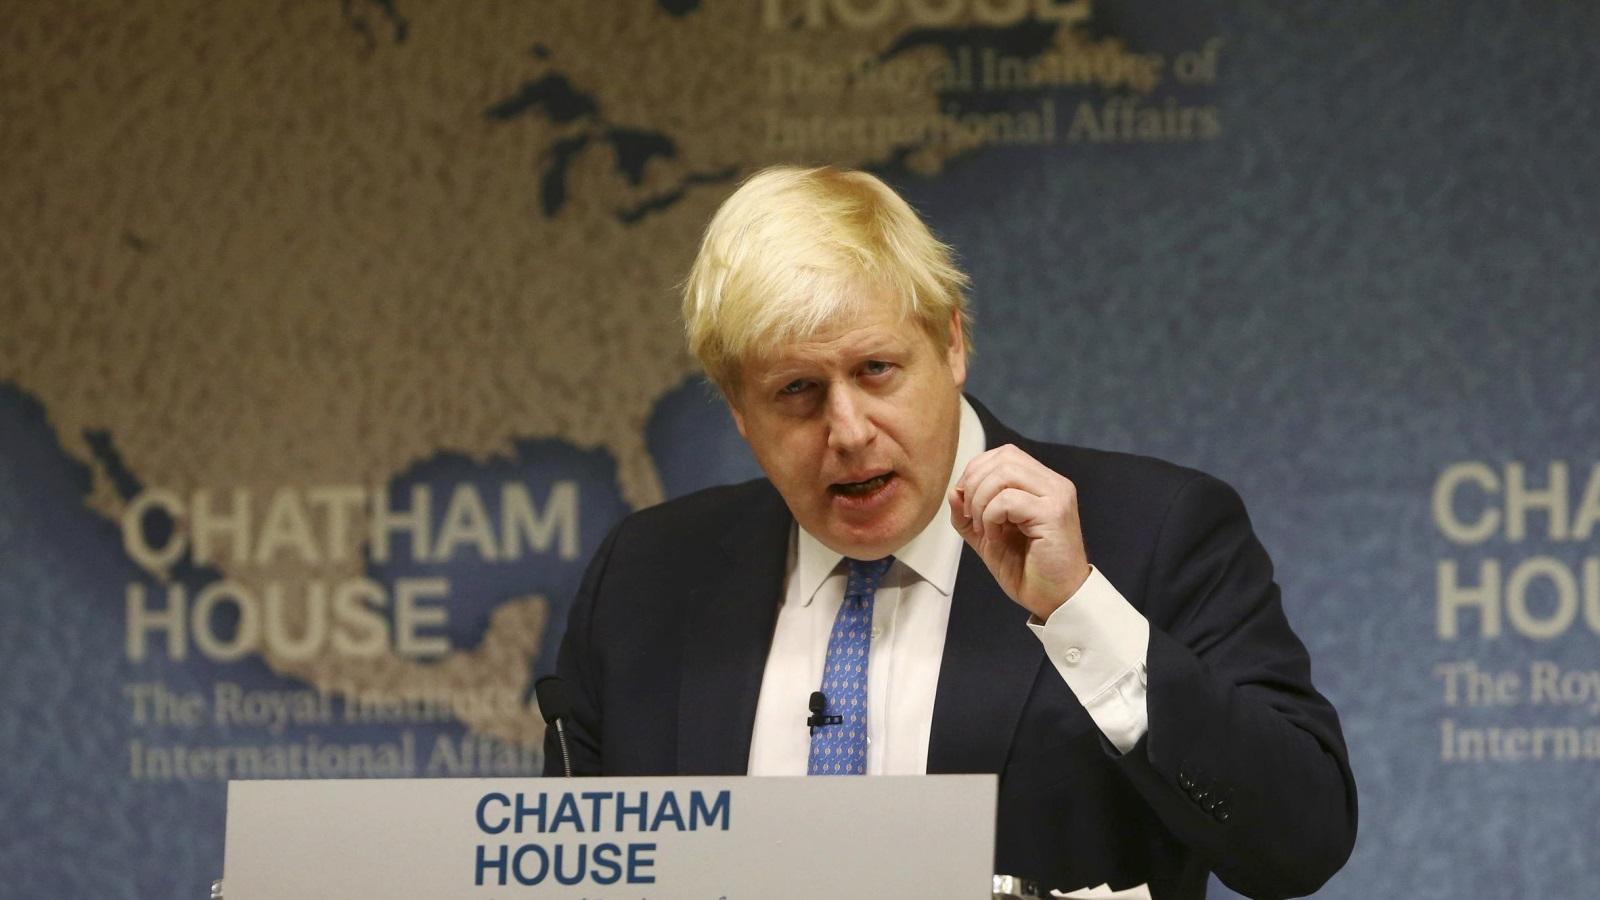 صورة غارديان: سياسة بريطانيا بسوريا مبنية على التمني